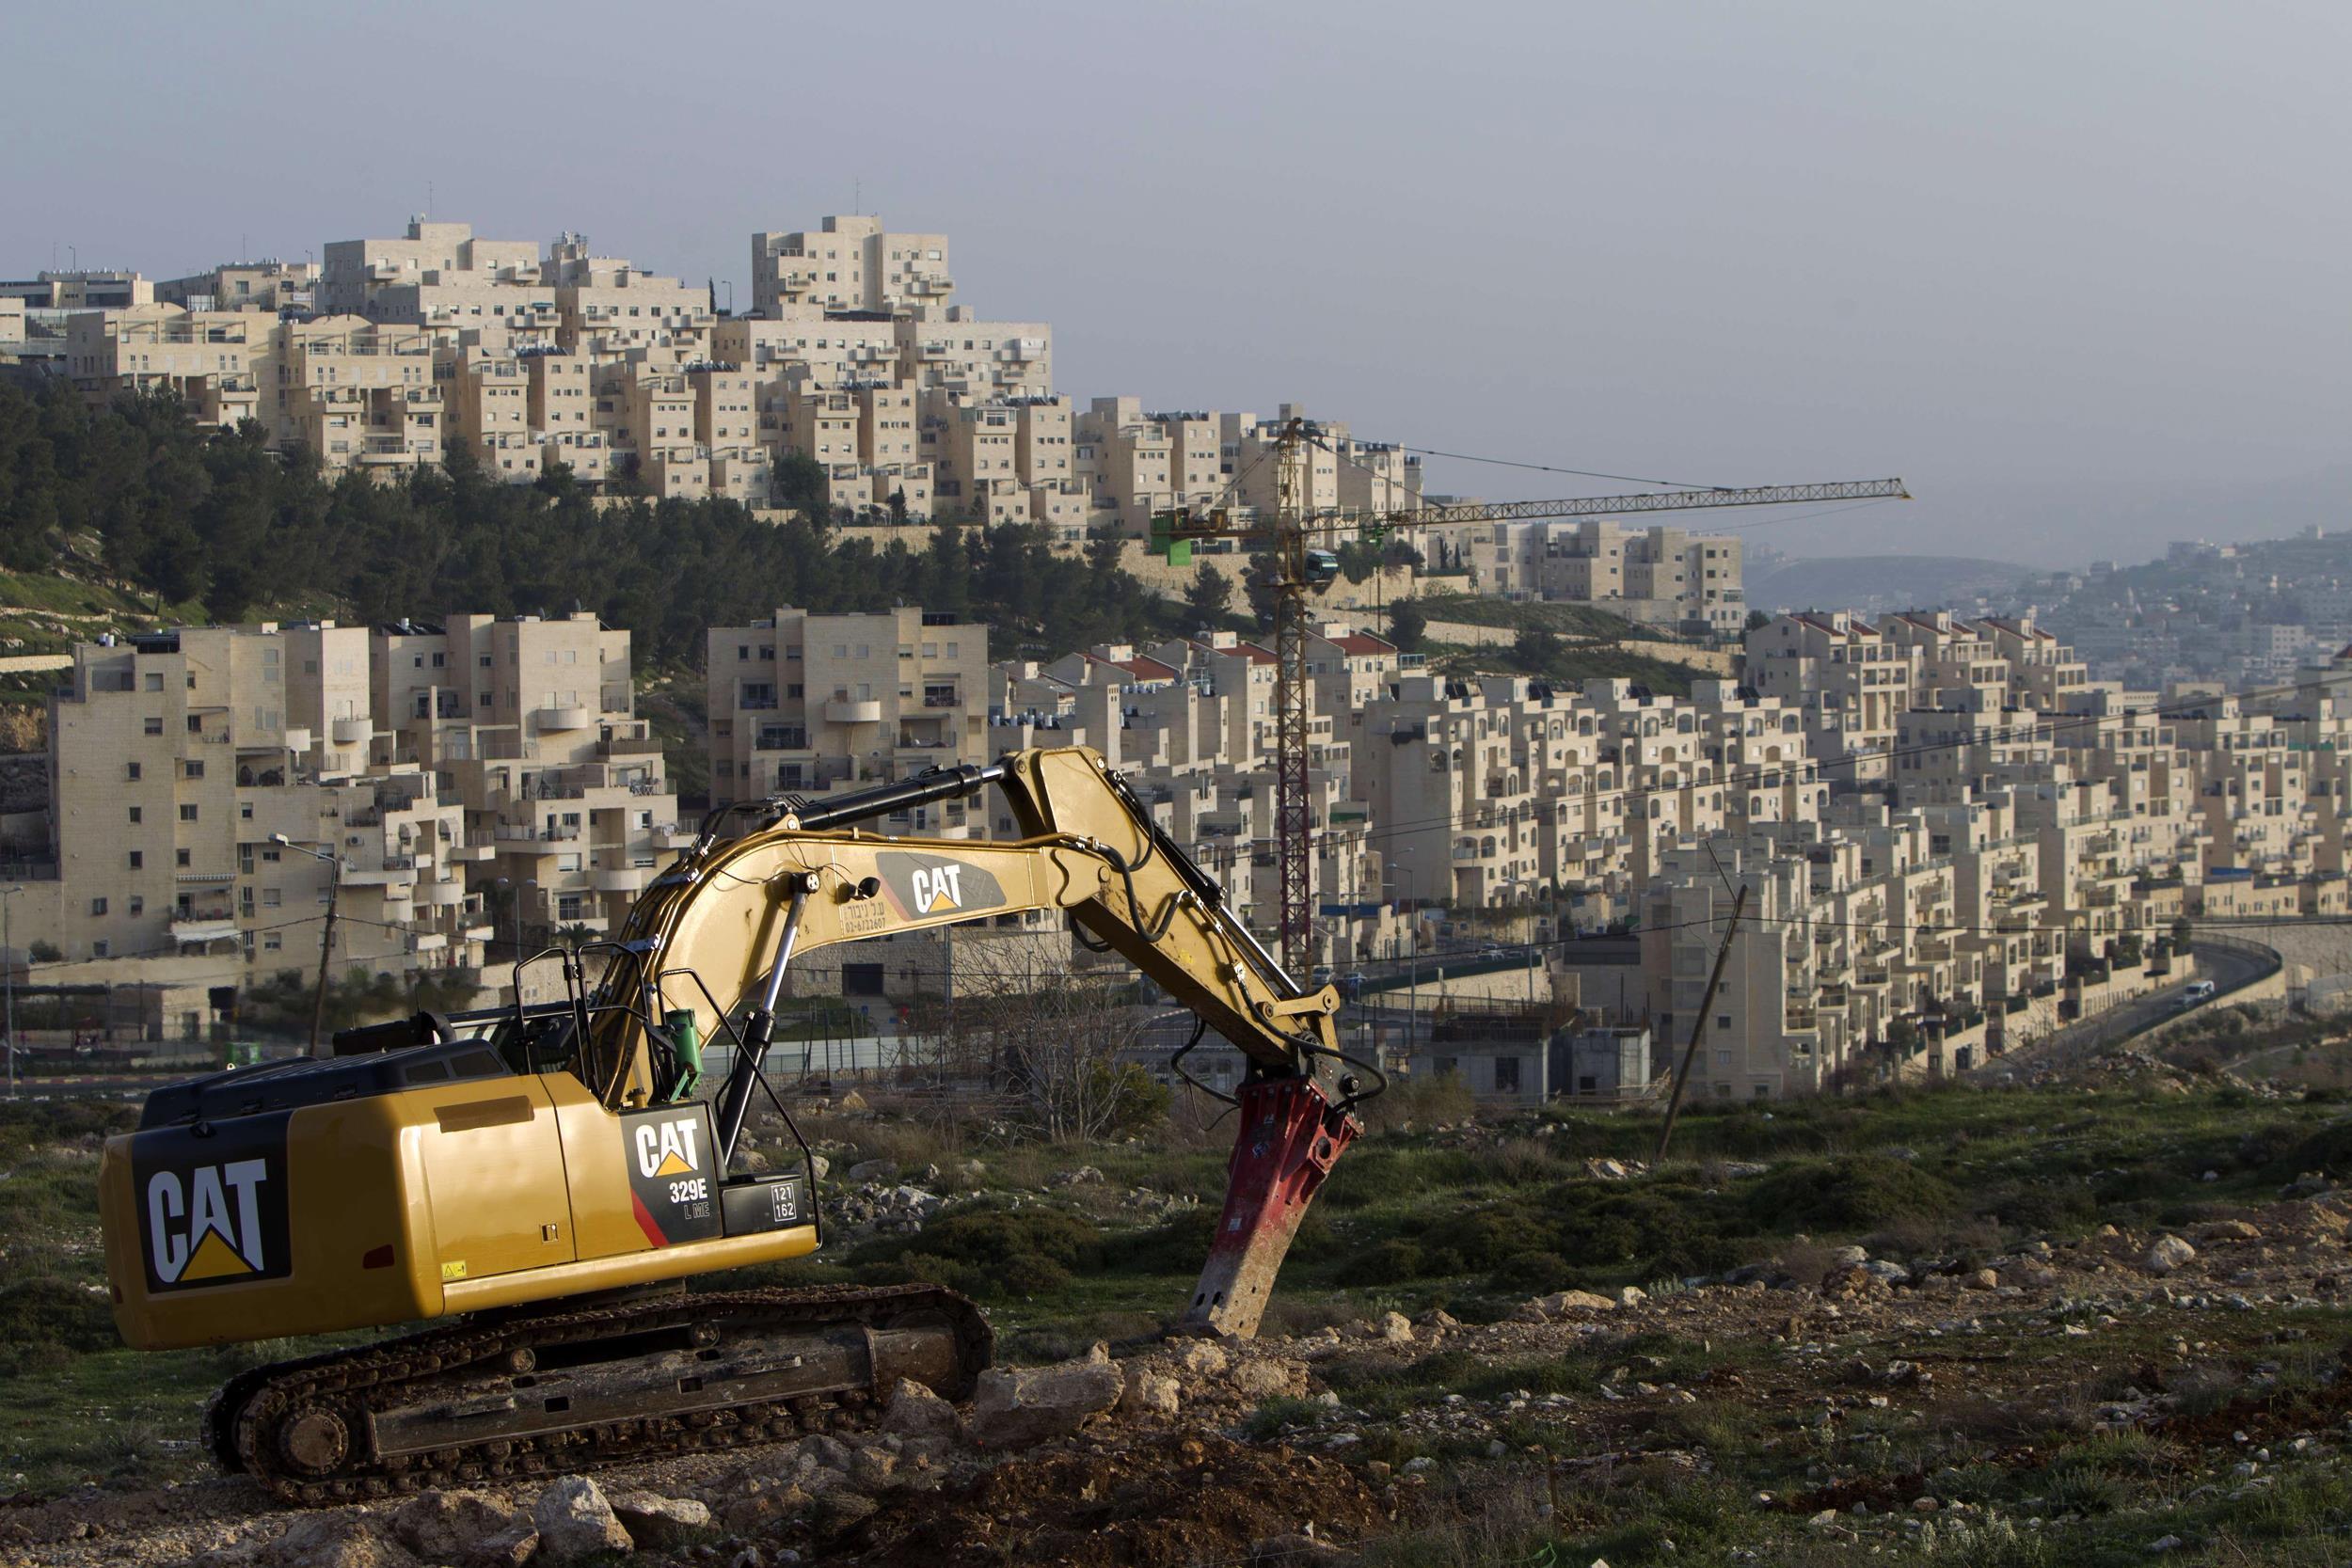 الخارجية الفلسطينية : الشعب الفلسطيني وقيادته يرفض المفاوضات تحت نيران الاستيطان